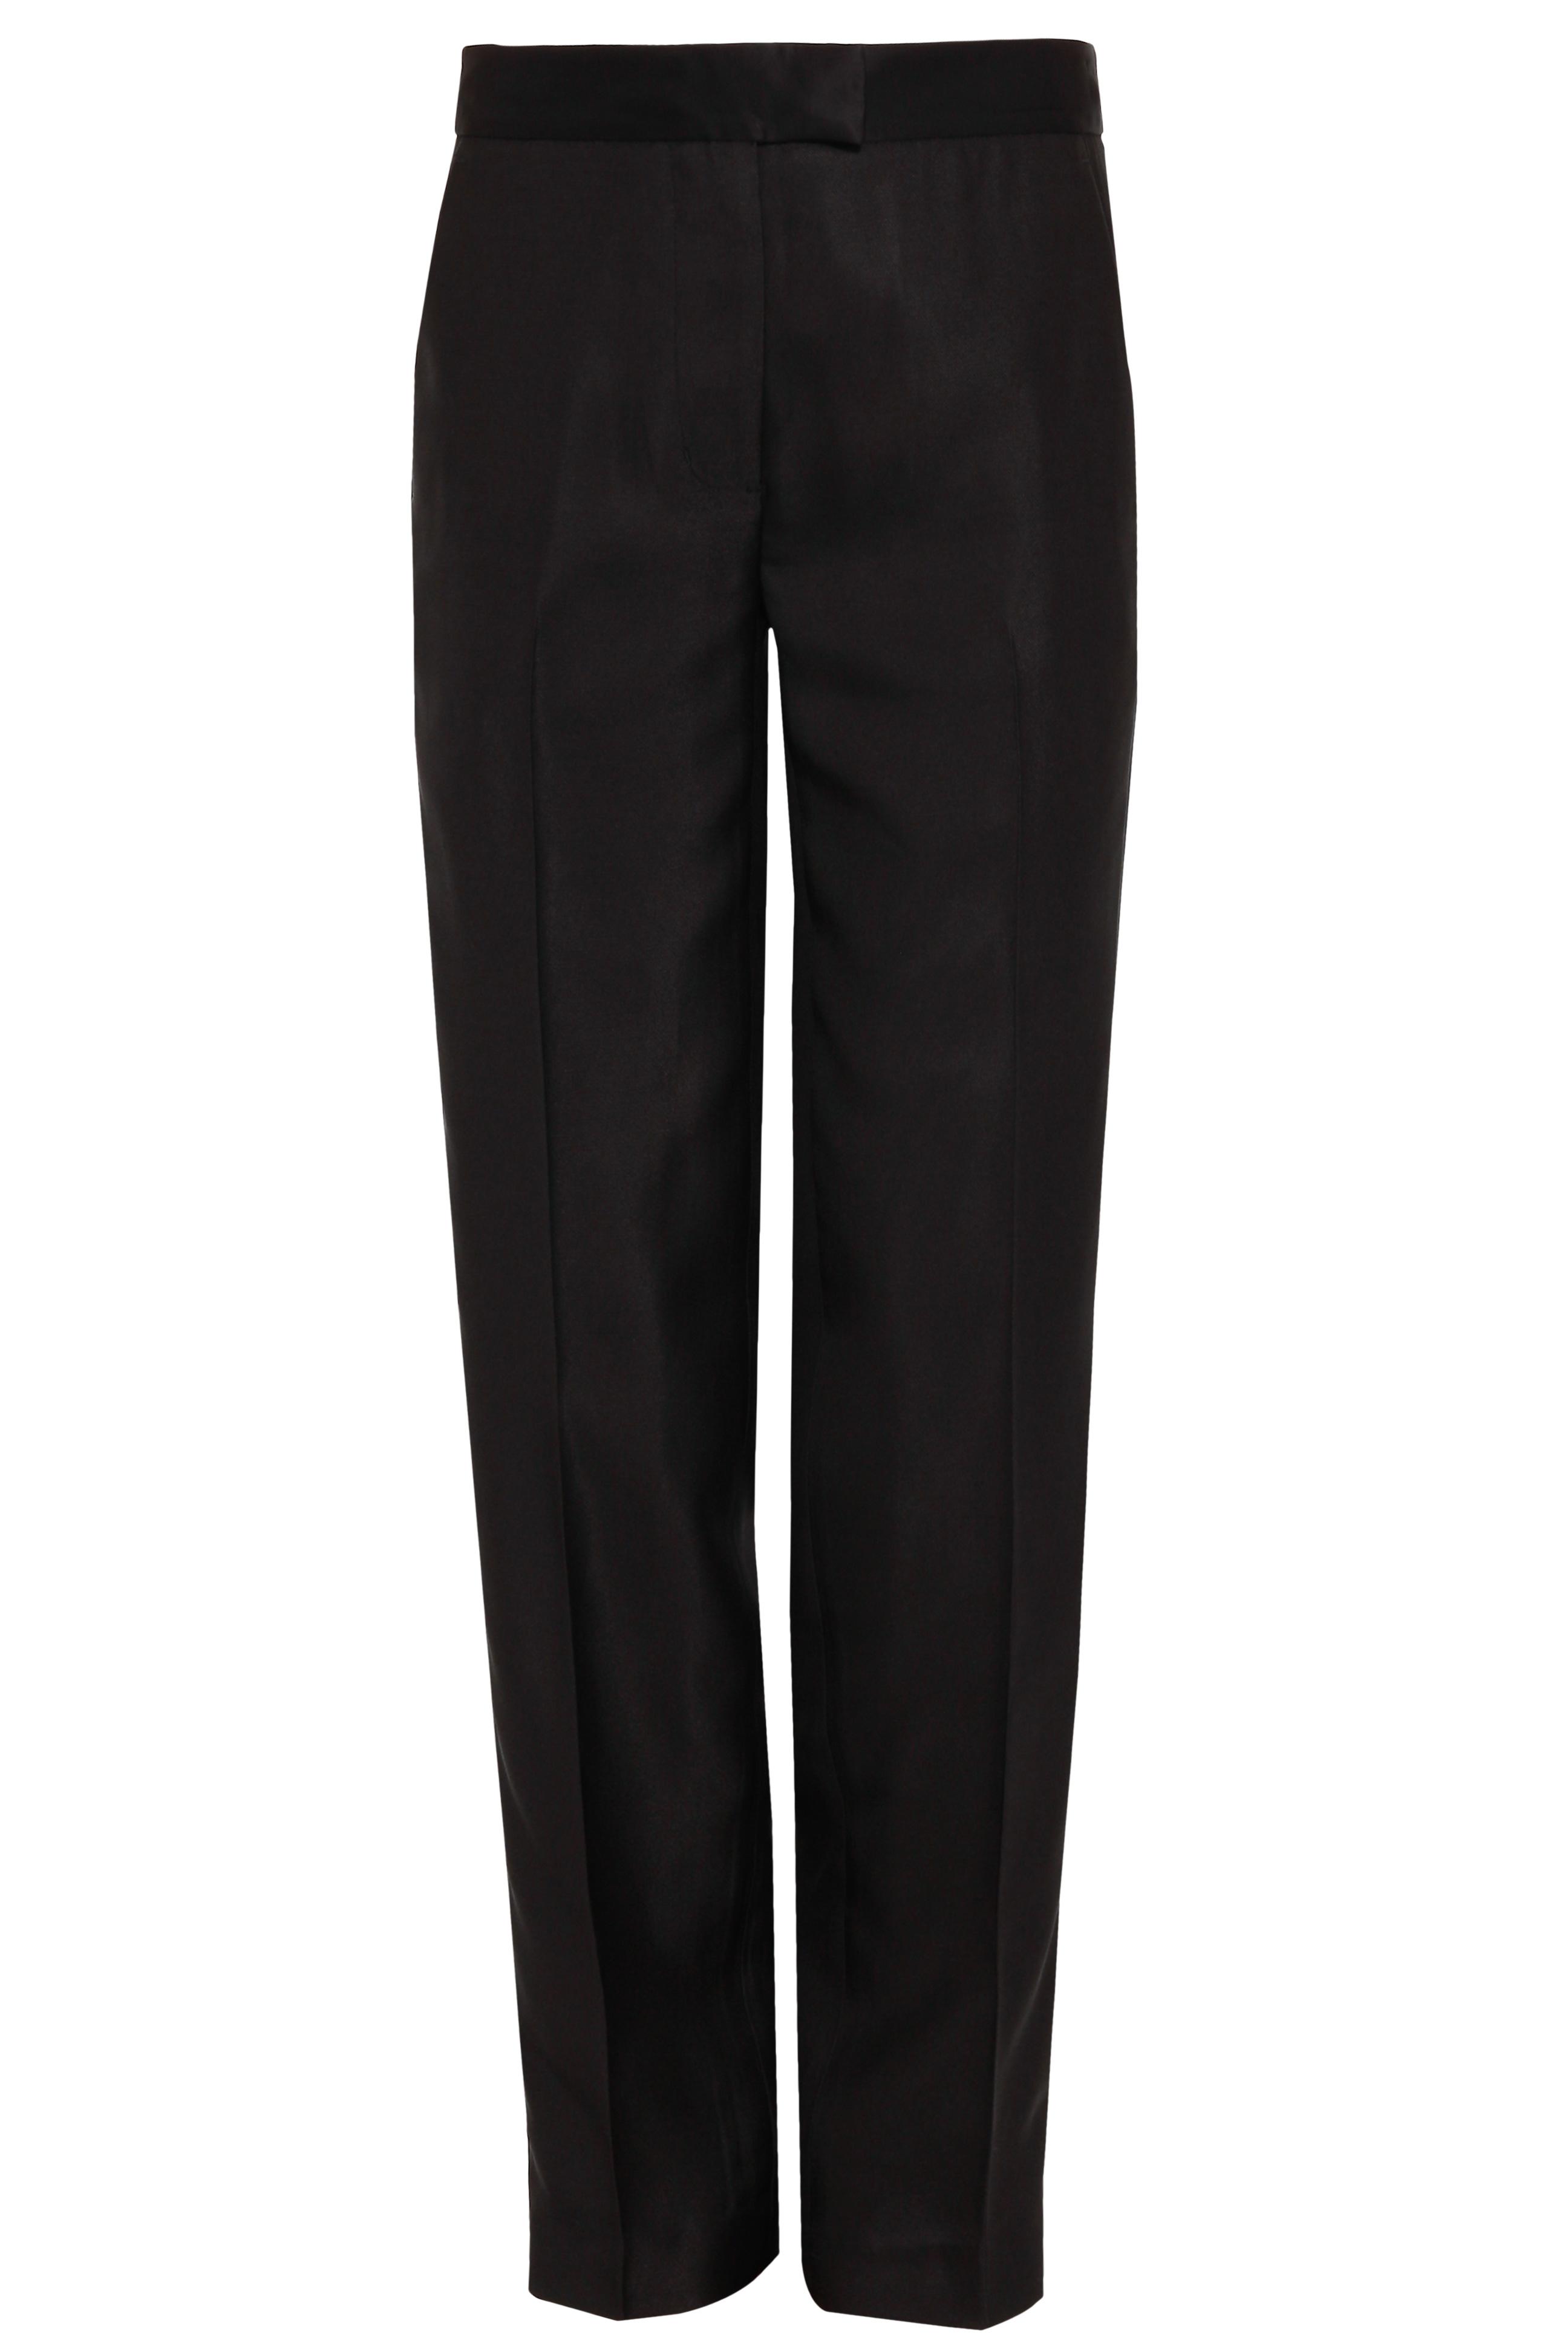 Innovative Vintage 80s Womens Tuxedo Suit Pants Suit Formal Black Union Label